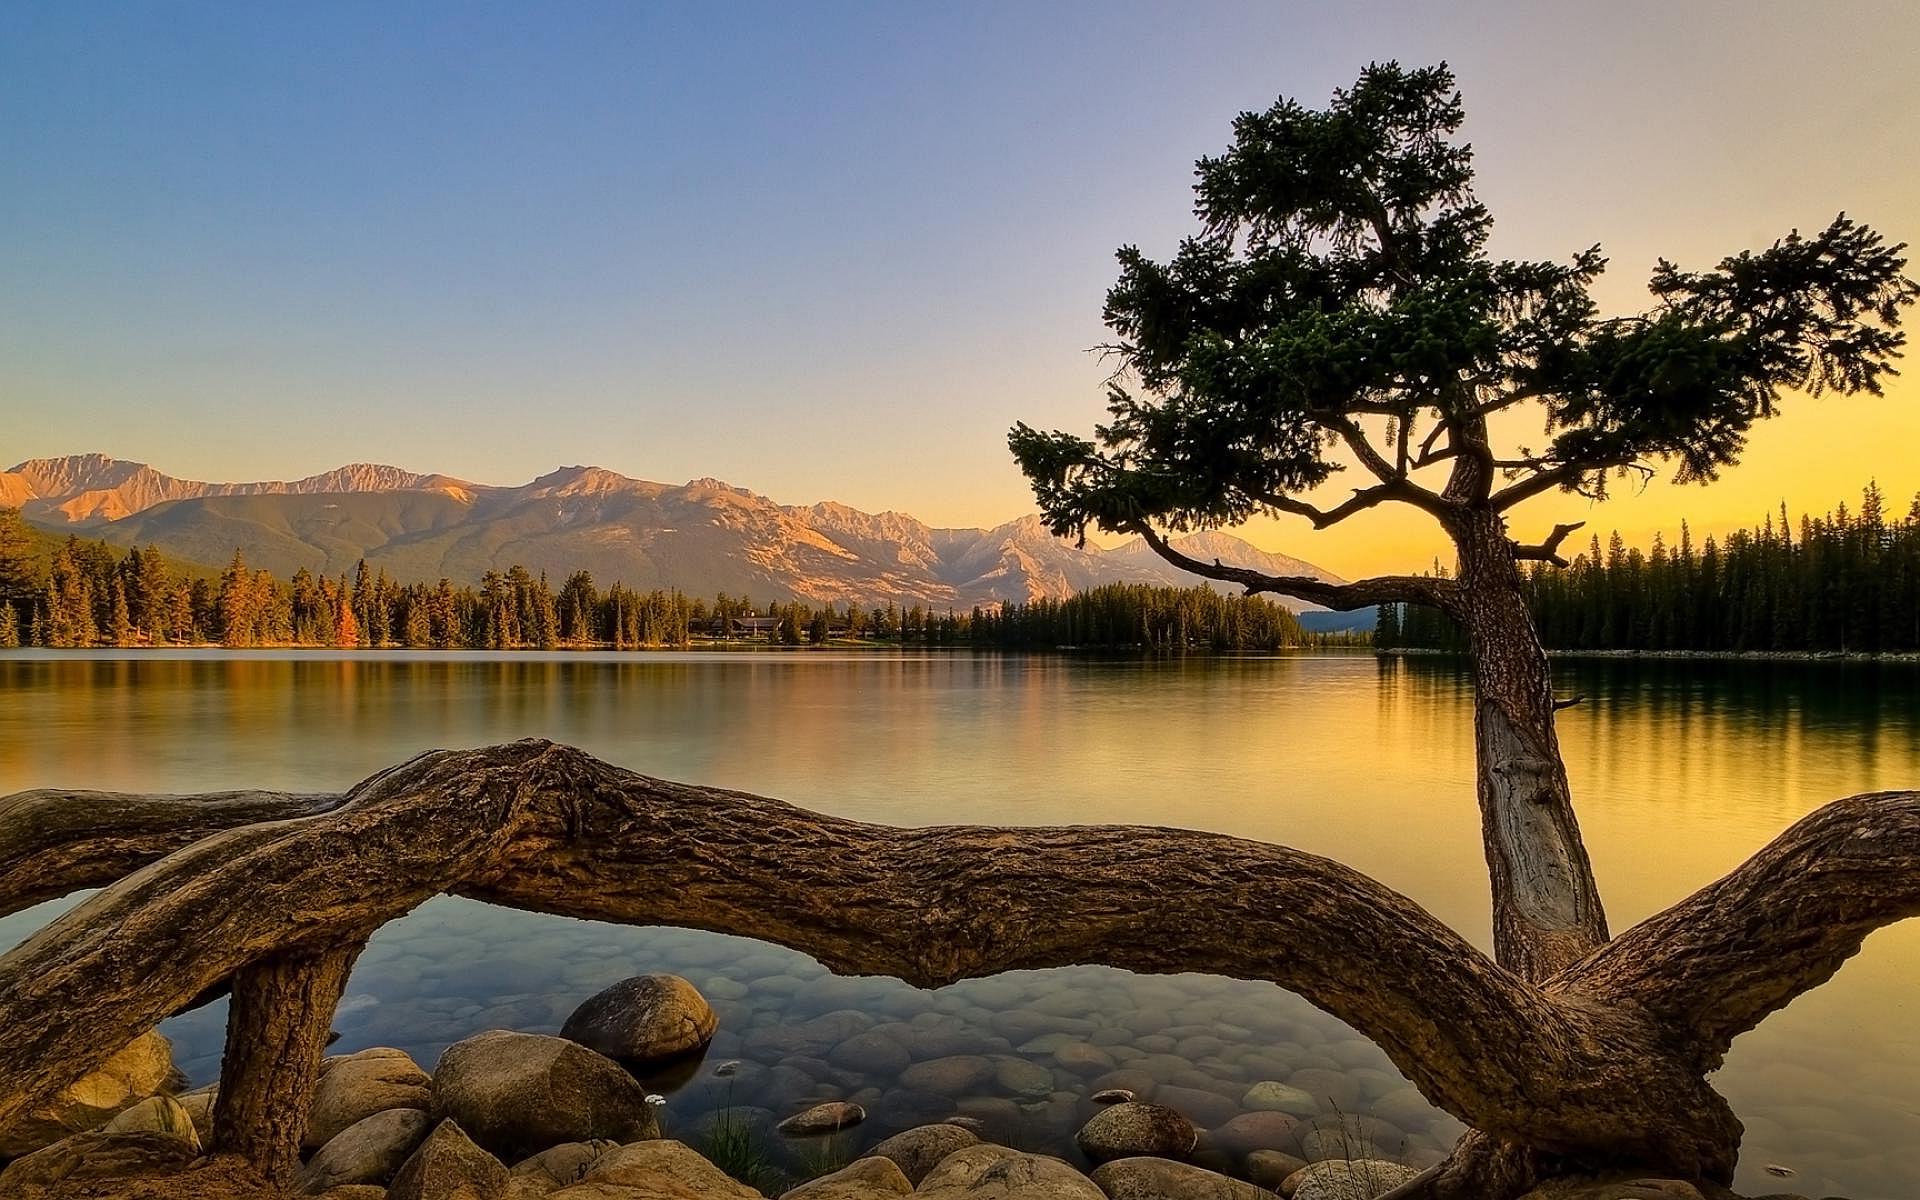 sunset wallpapers lake